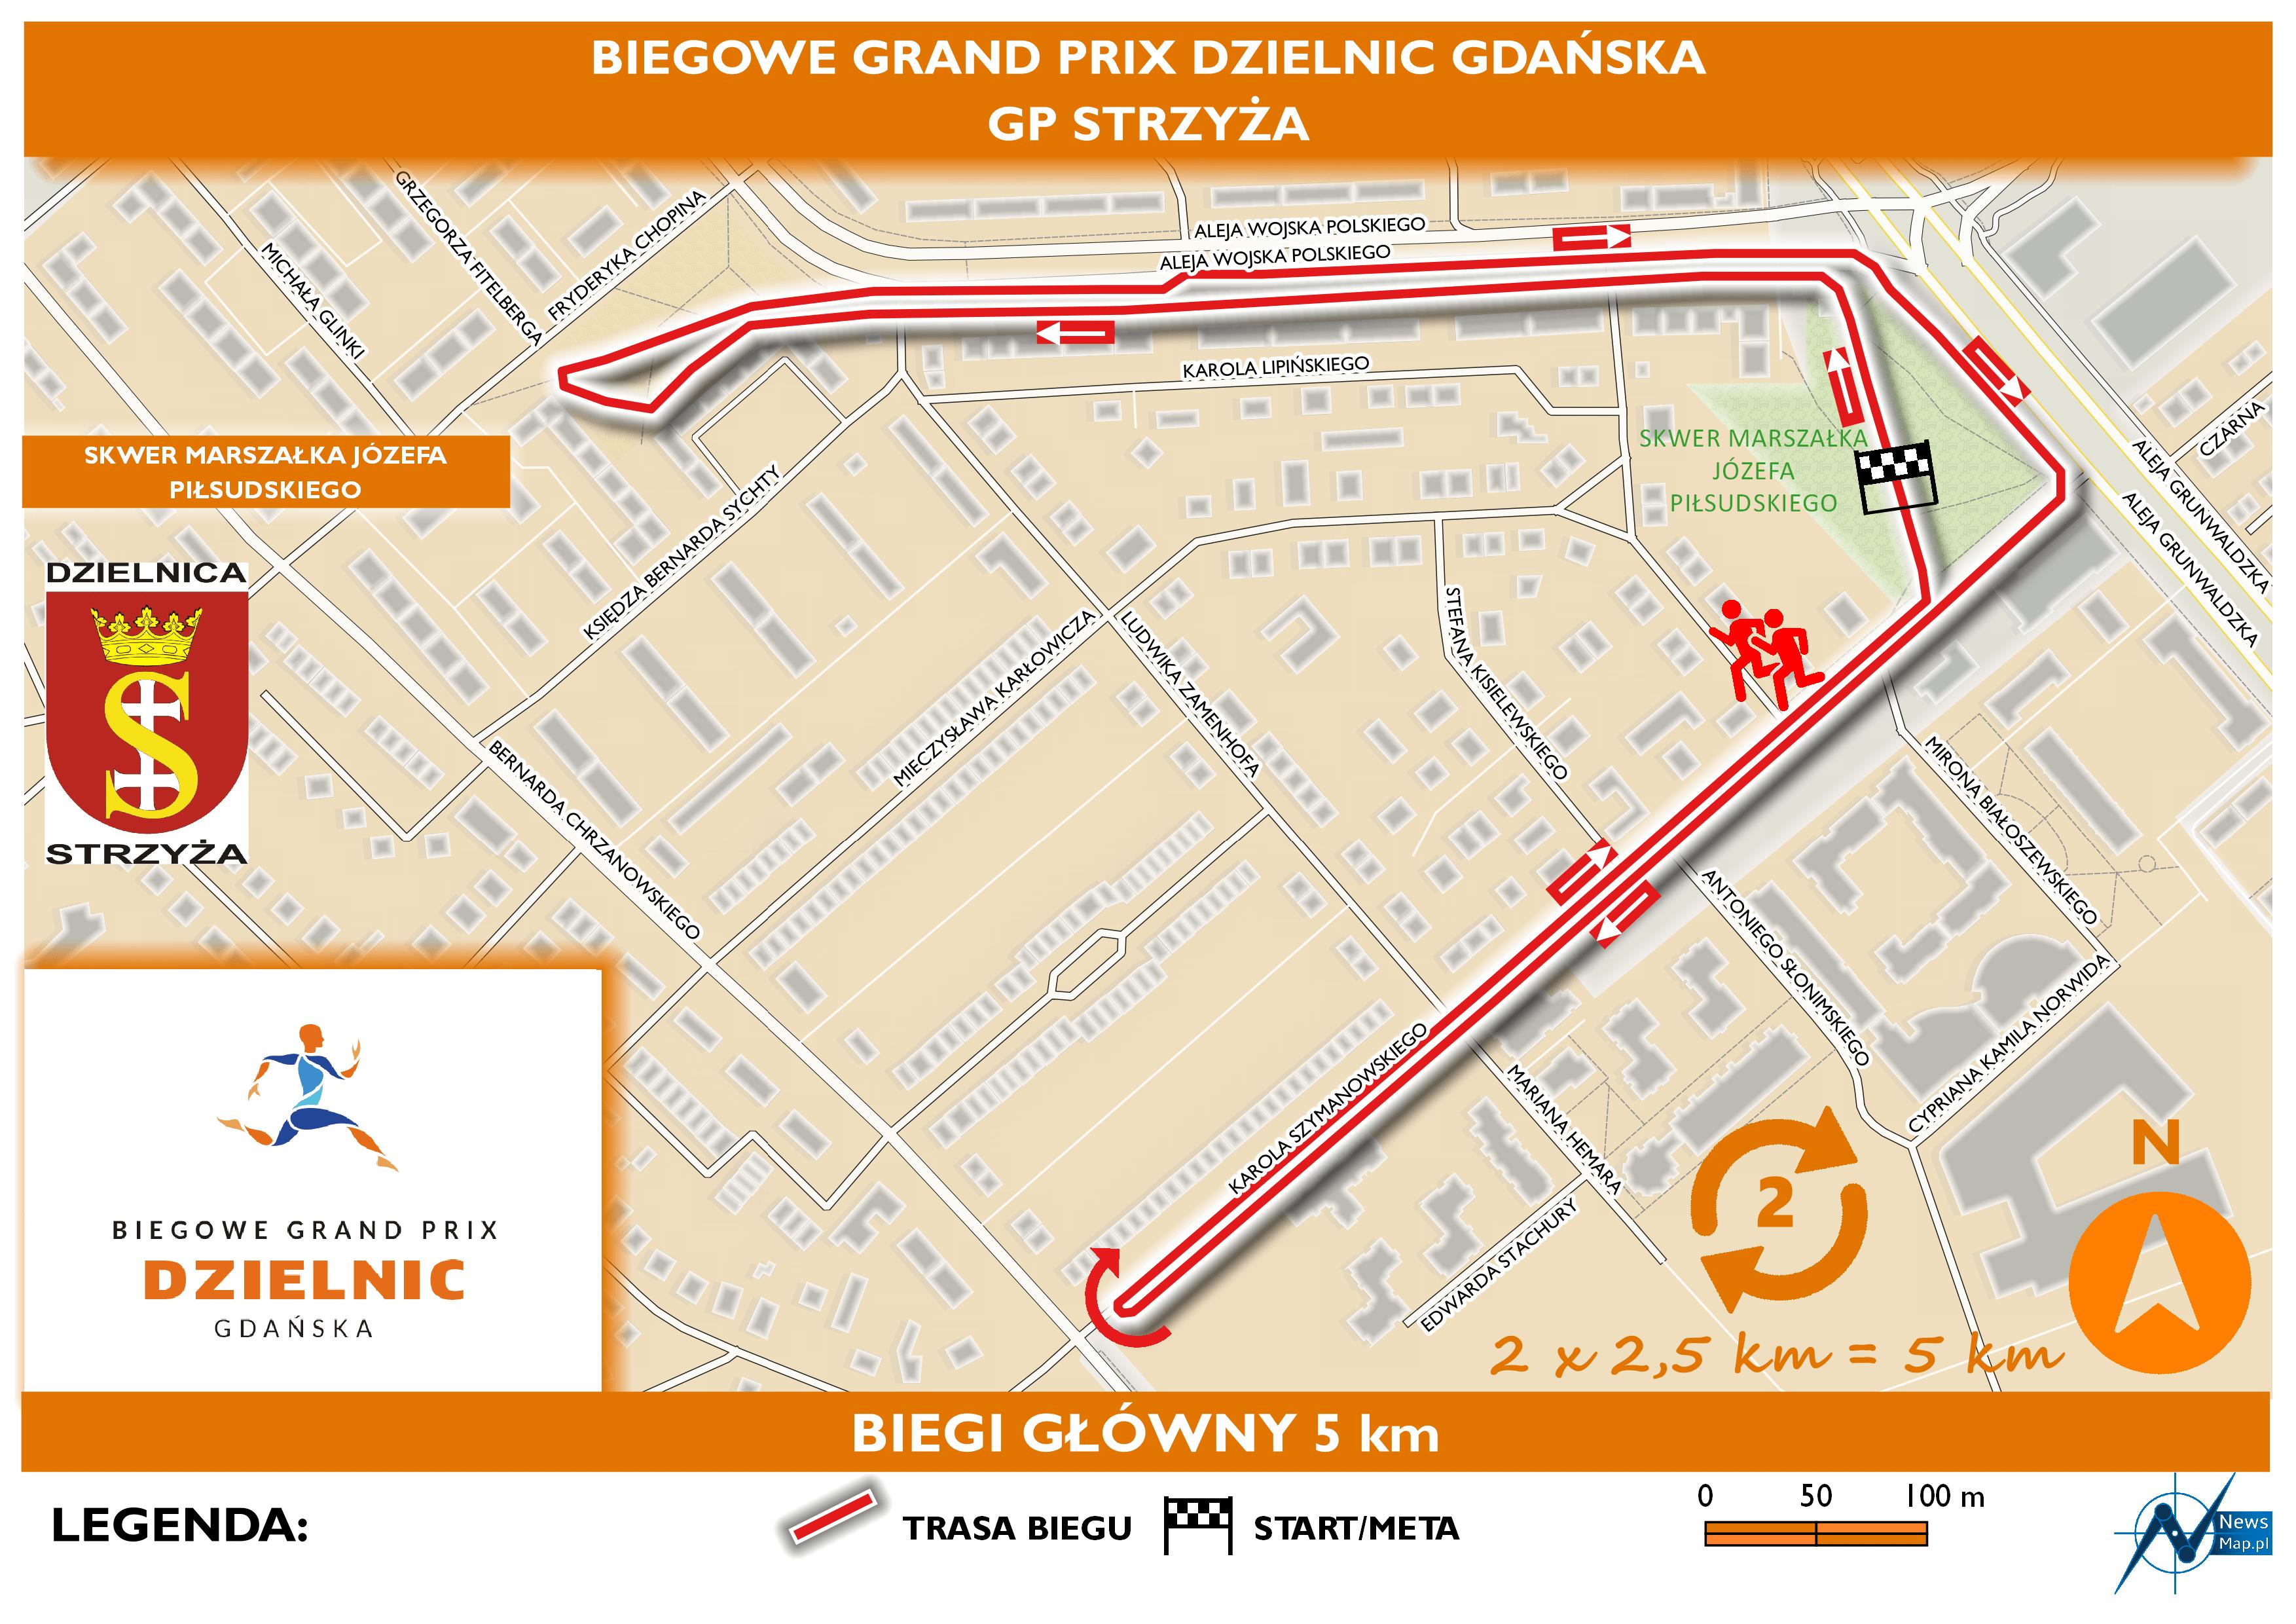 Mapa statyczna GP Strzyża - bieg główny